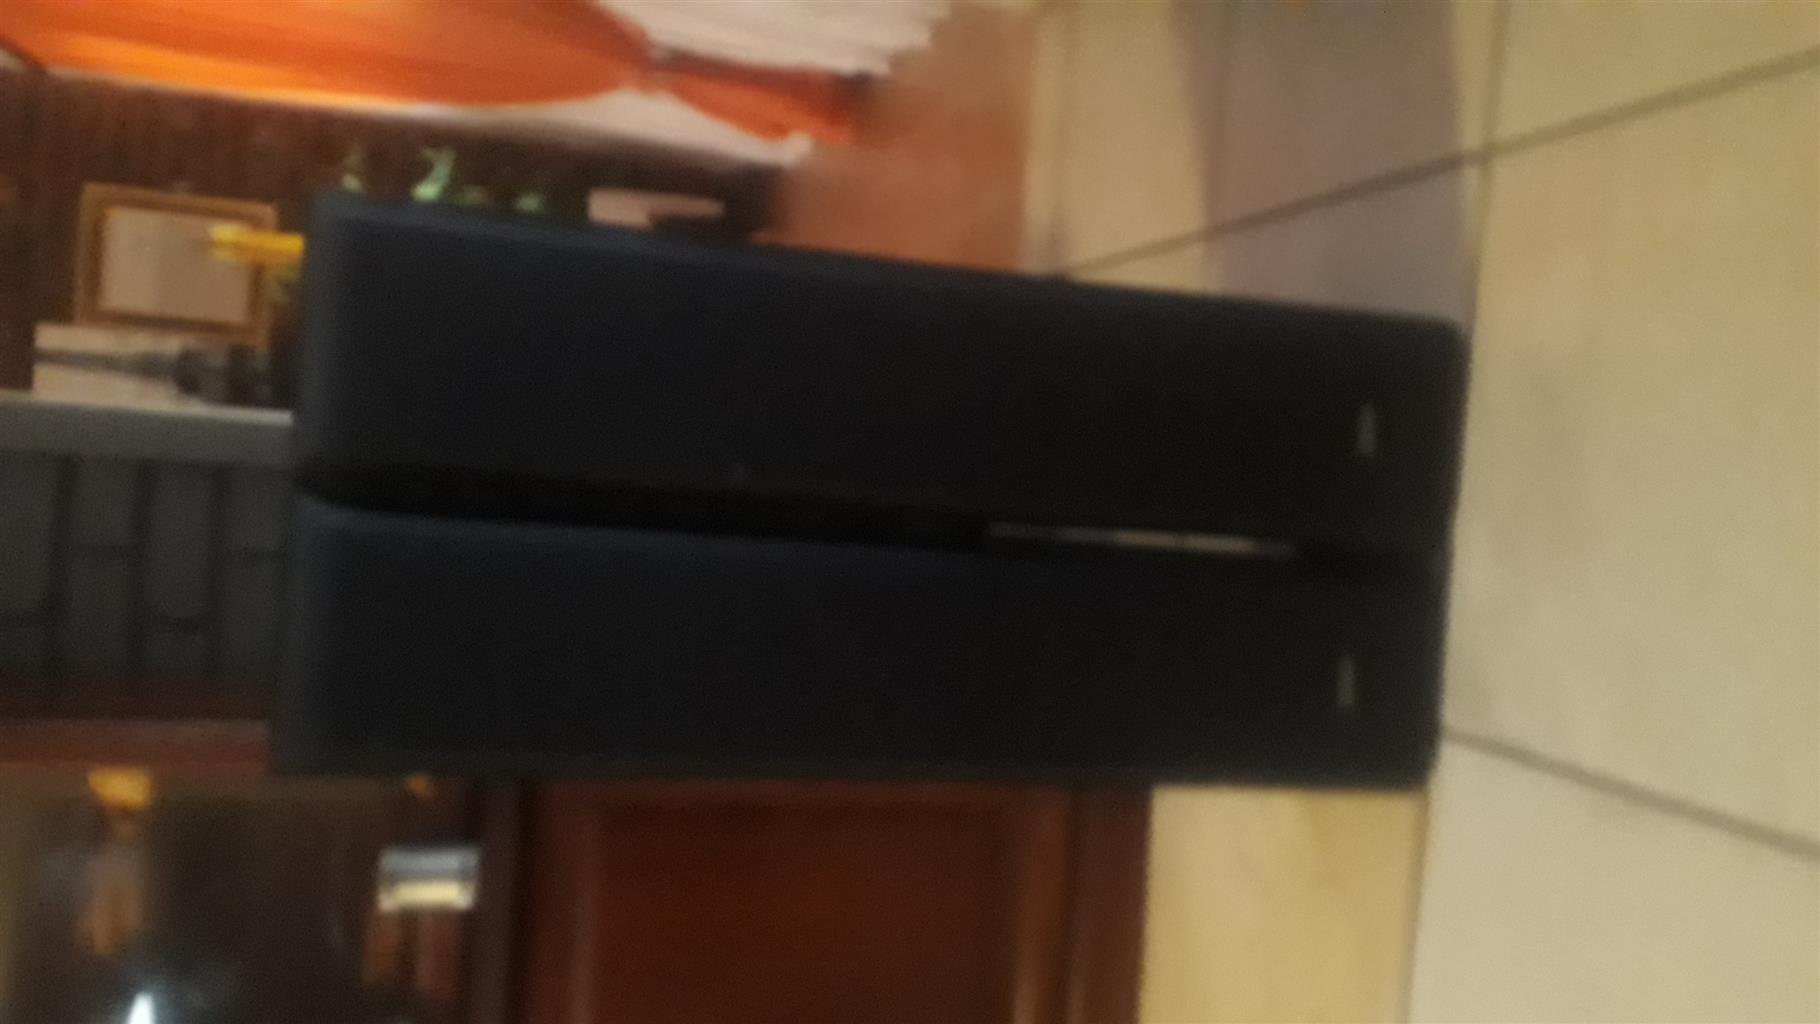 Sony ss-f6000 speaker system